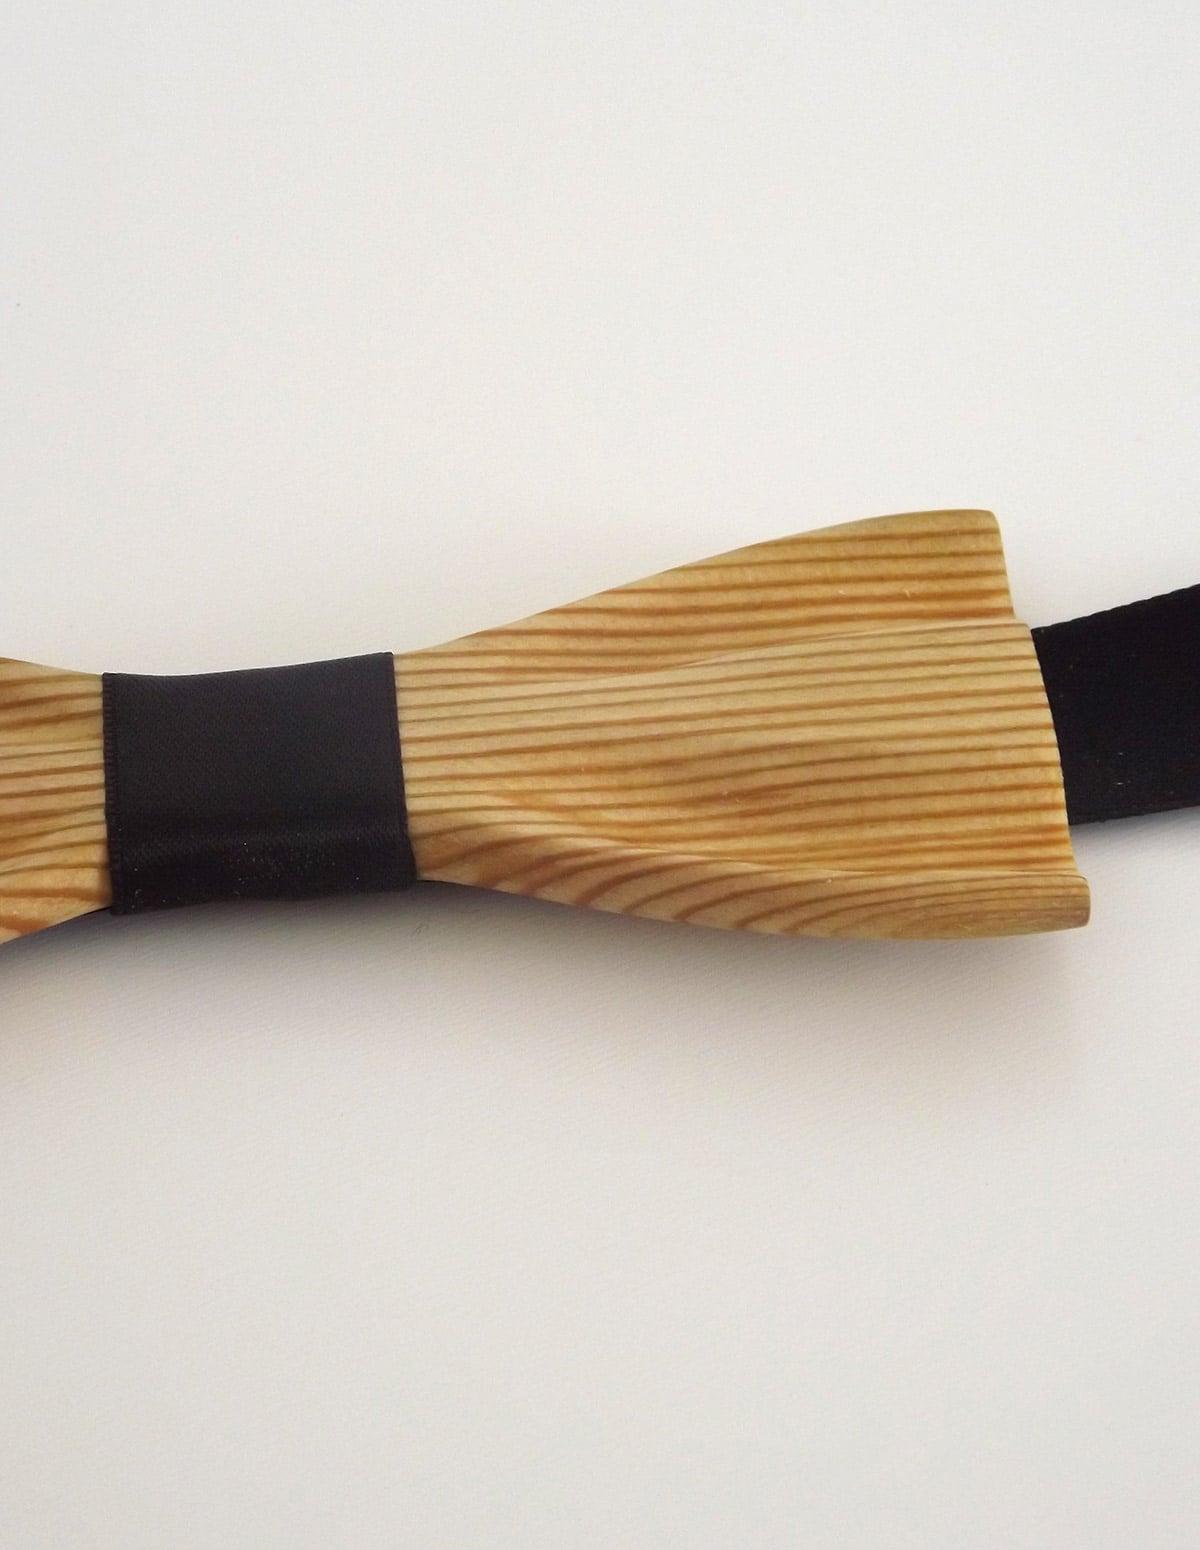 Un noeud papillon bois pour vos looks habillés ou décontractés. Son attache est réglable et s'adapte à toutes les morphologies.